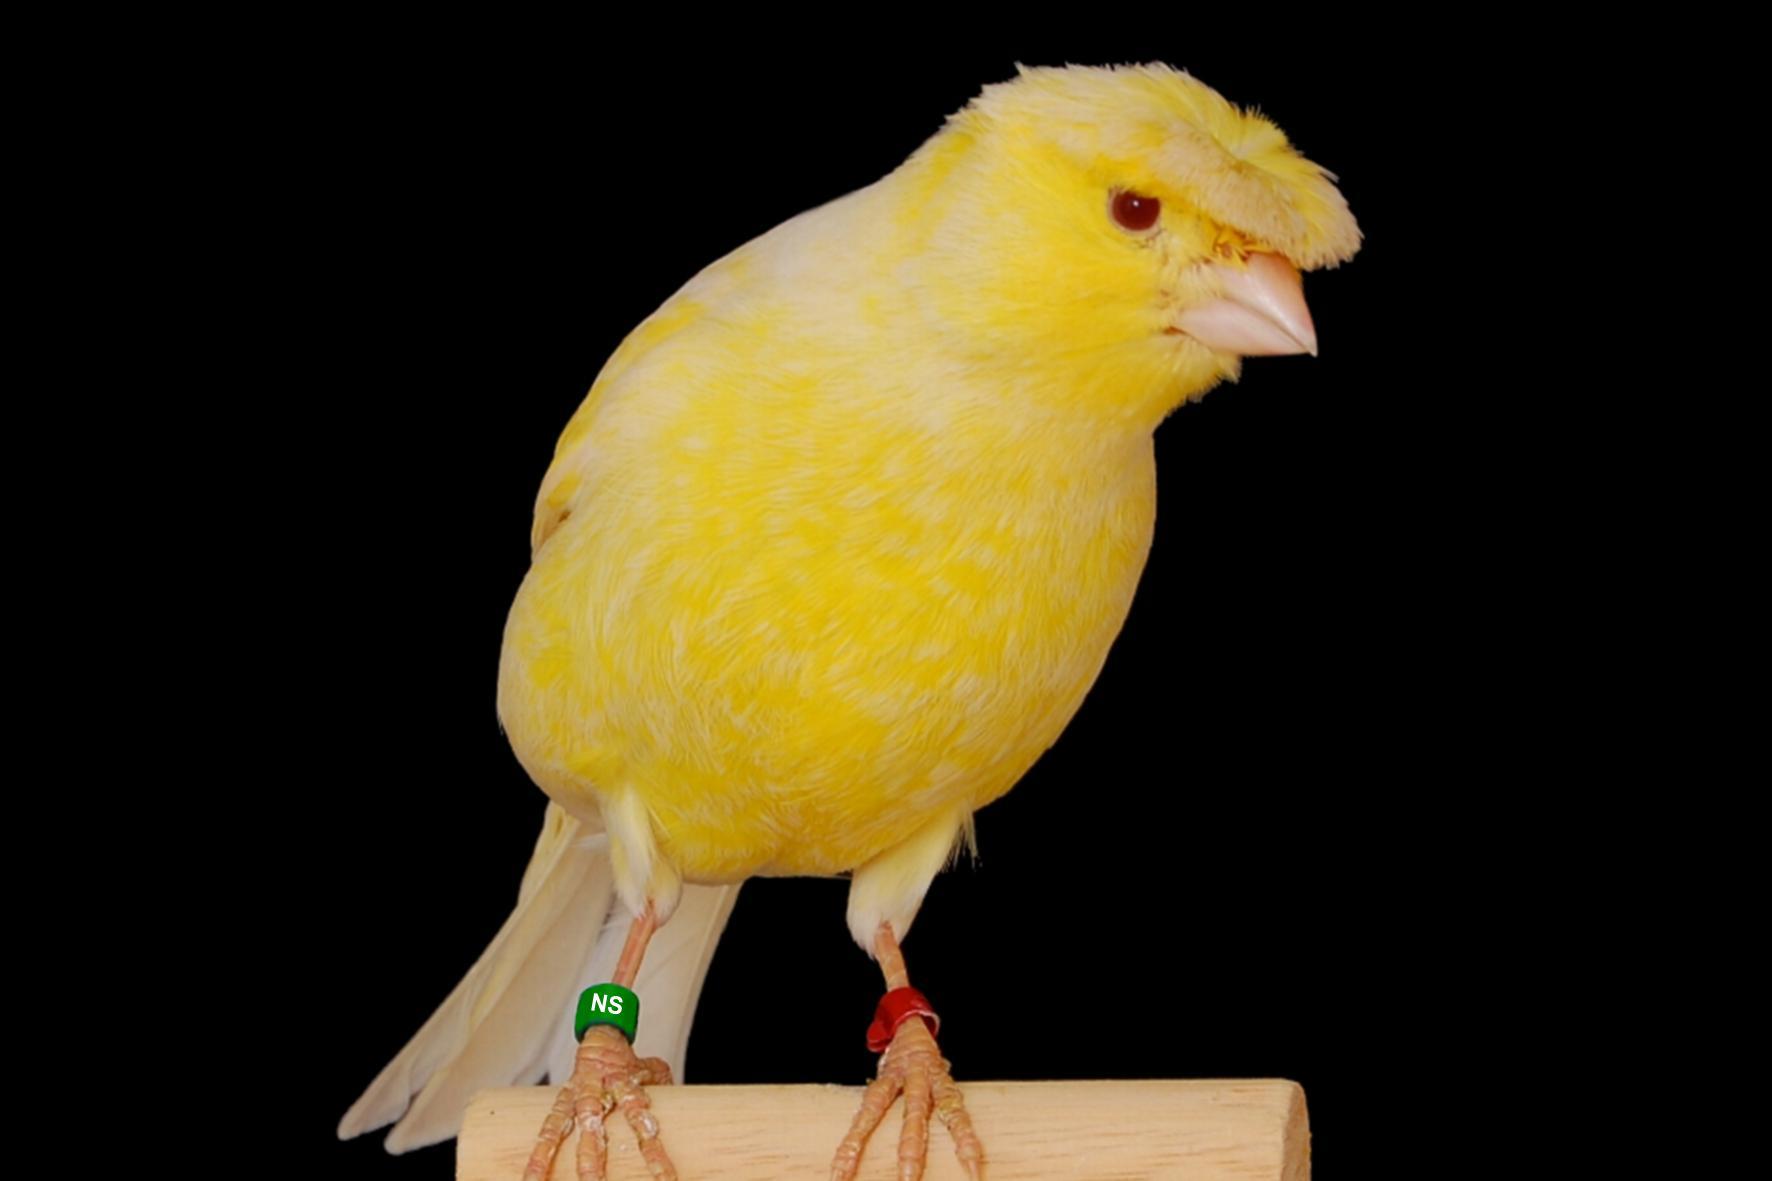 Kanarienvogel Alter Erkennen